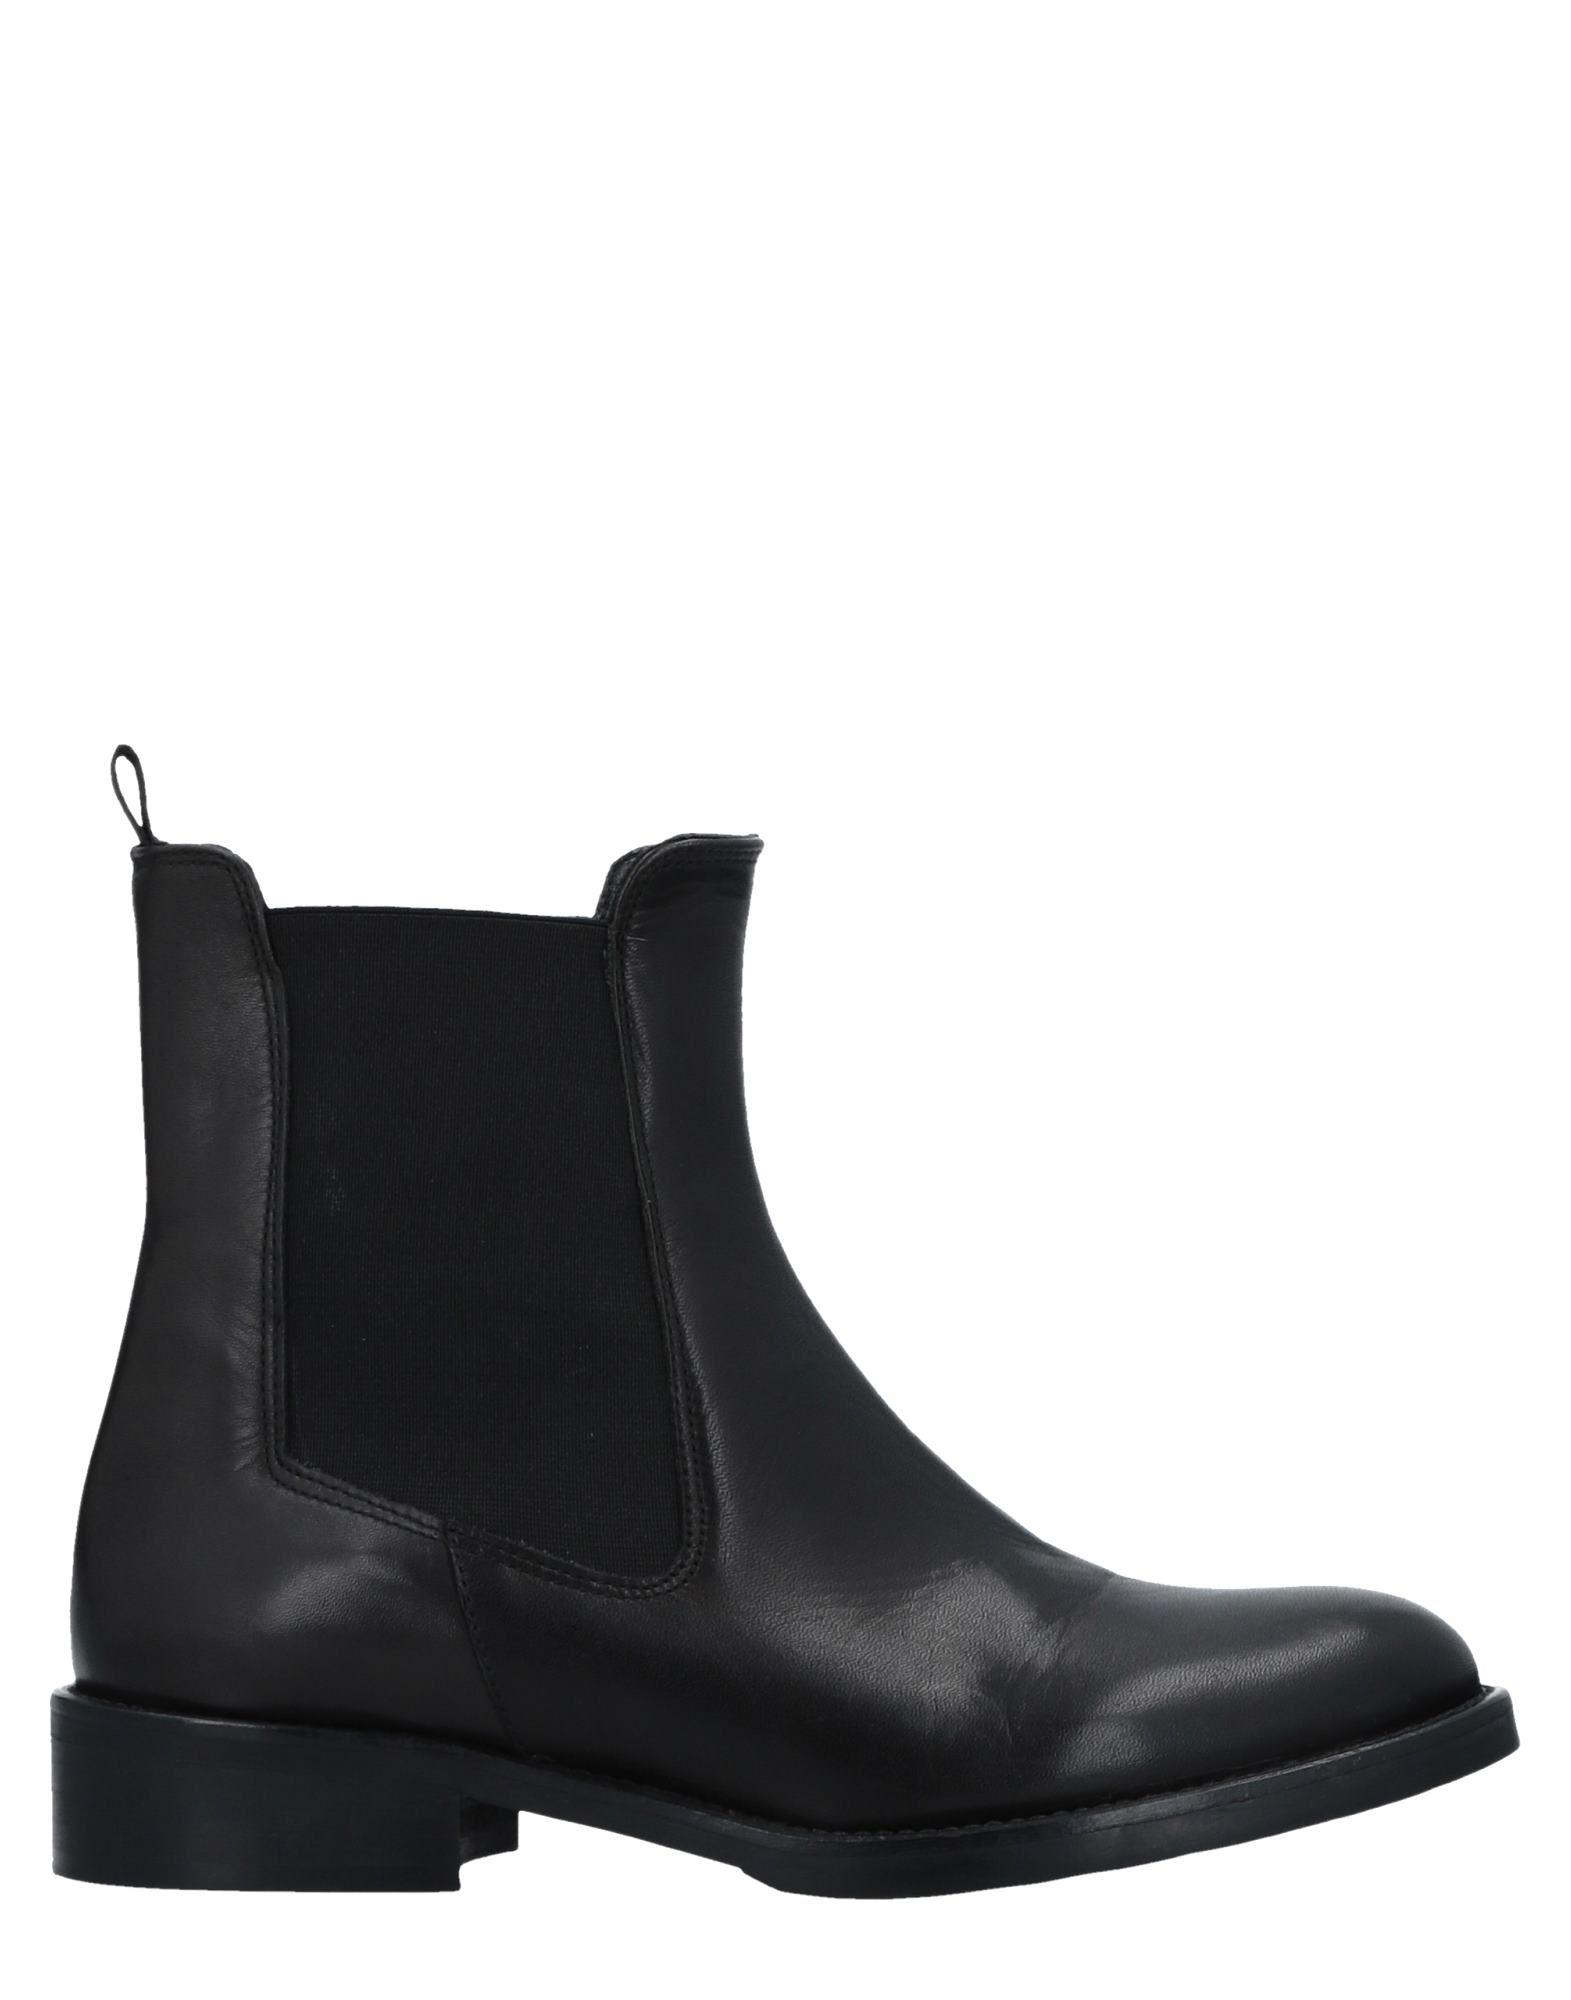 Merygen Chelsea Boots Damen beliebte  11512931TO Gute Qualität beliebte Damen Schuhe eba3a6